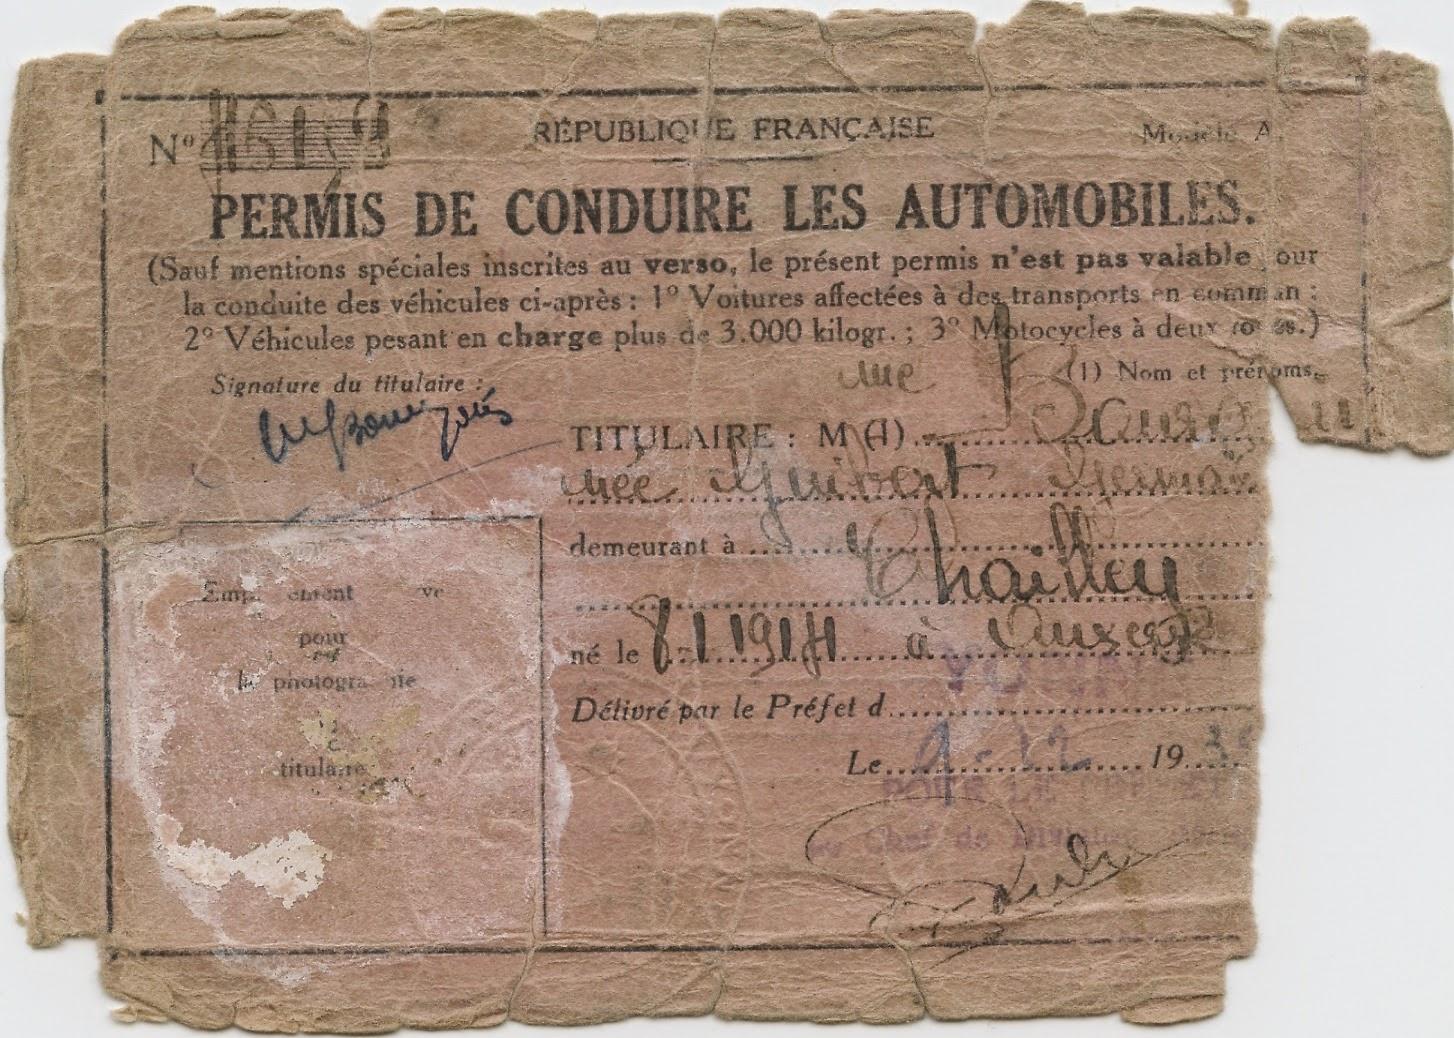 Histoires De Familles Permis De Conduire En 1935